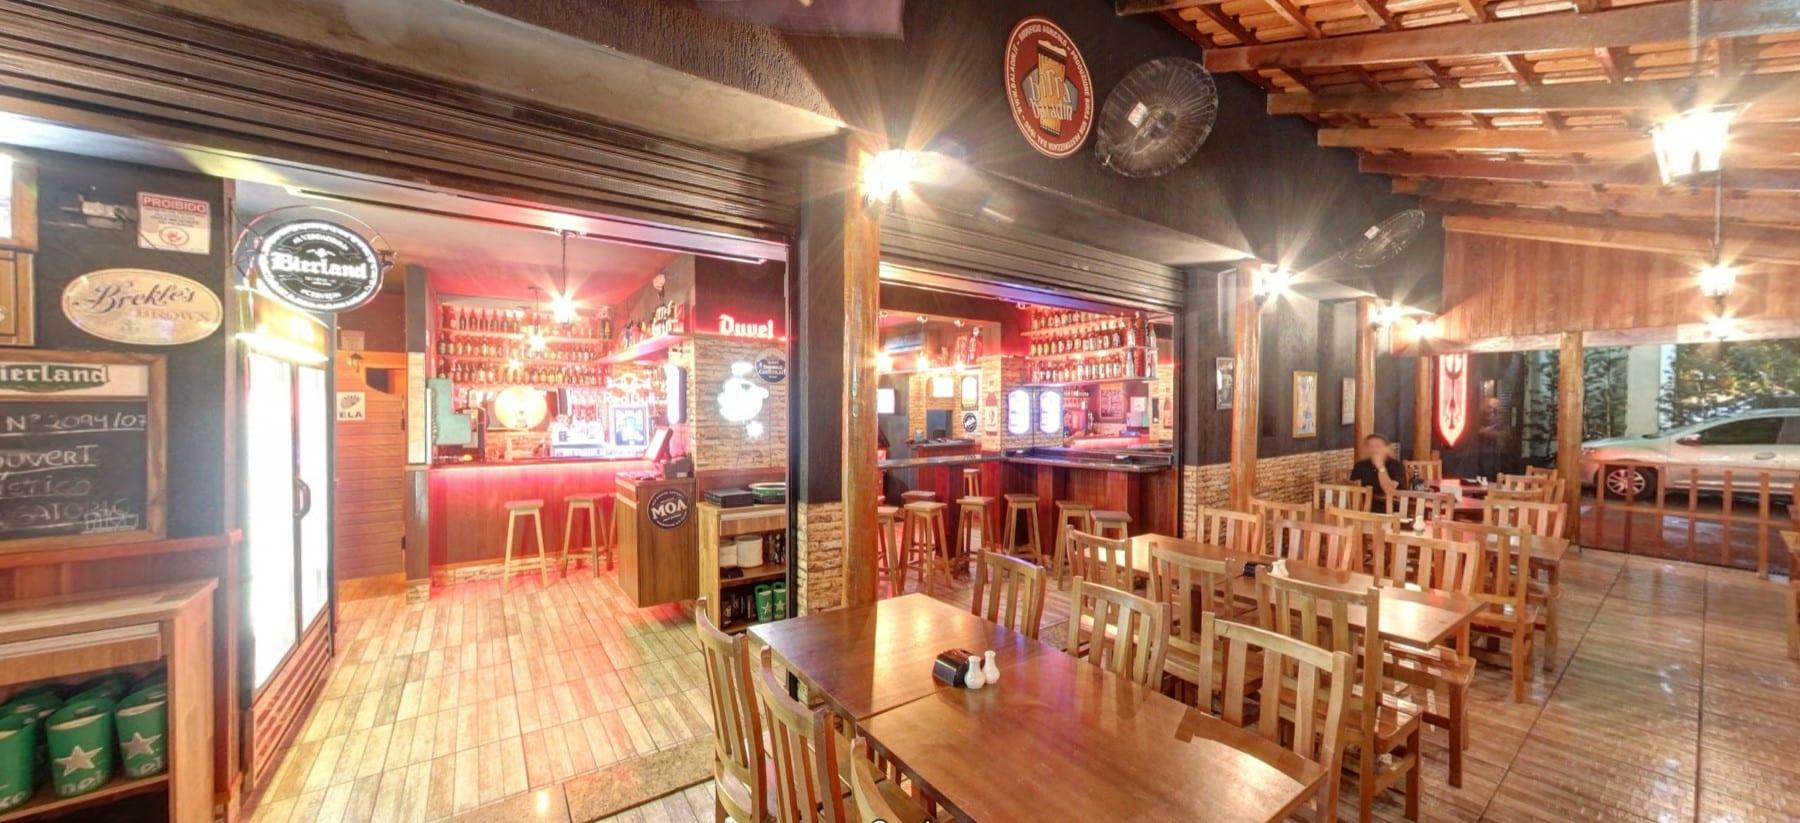 14 lugares para saborear as melhores cervejas artesanais em Goiânia